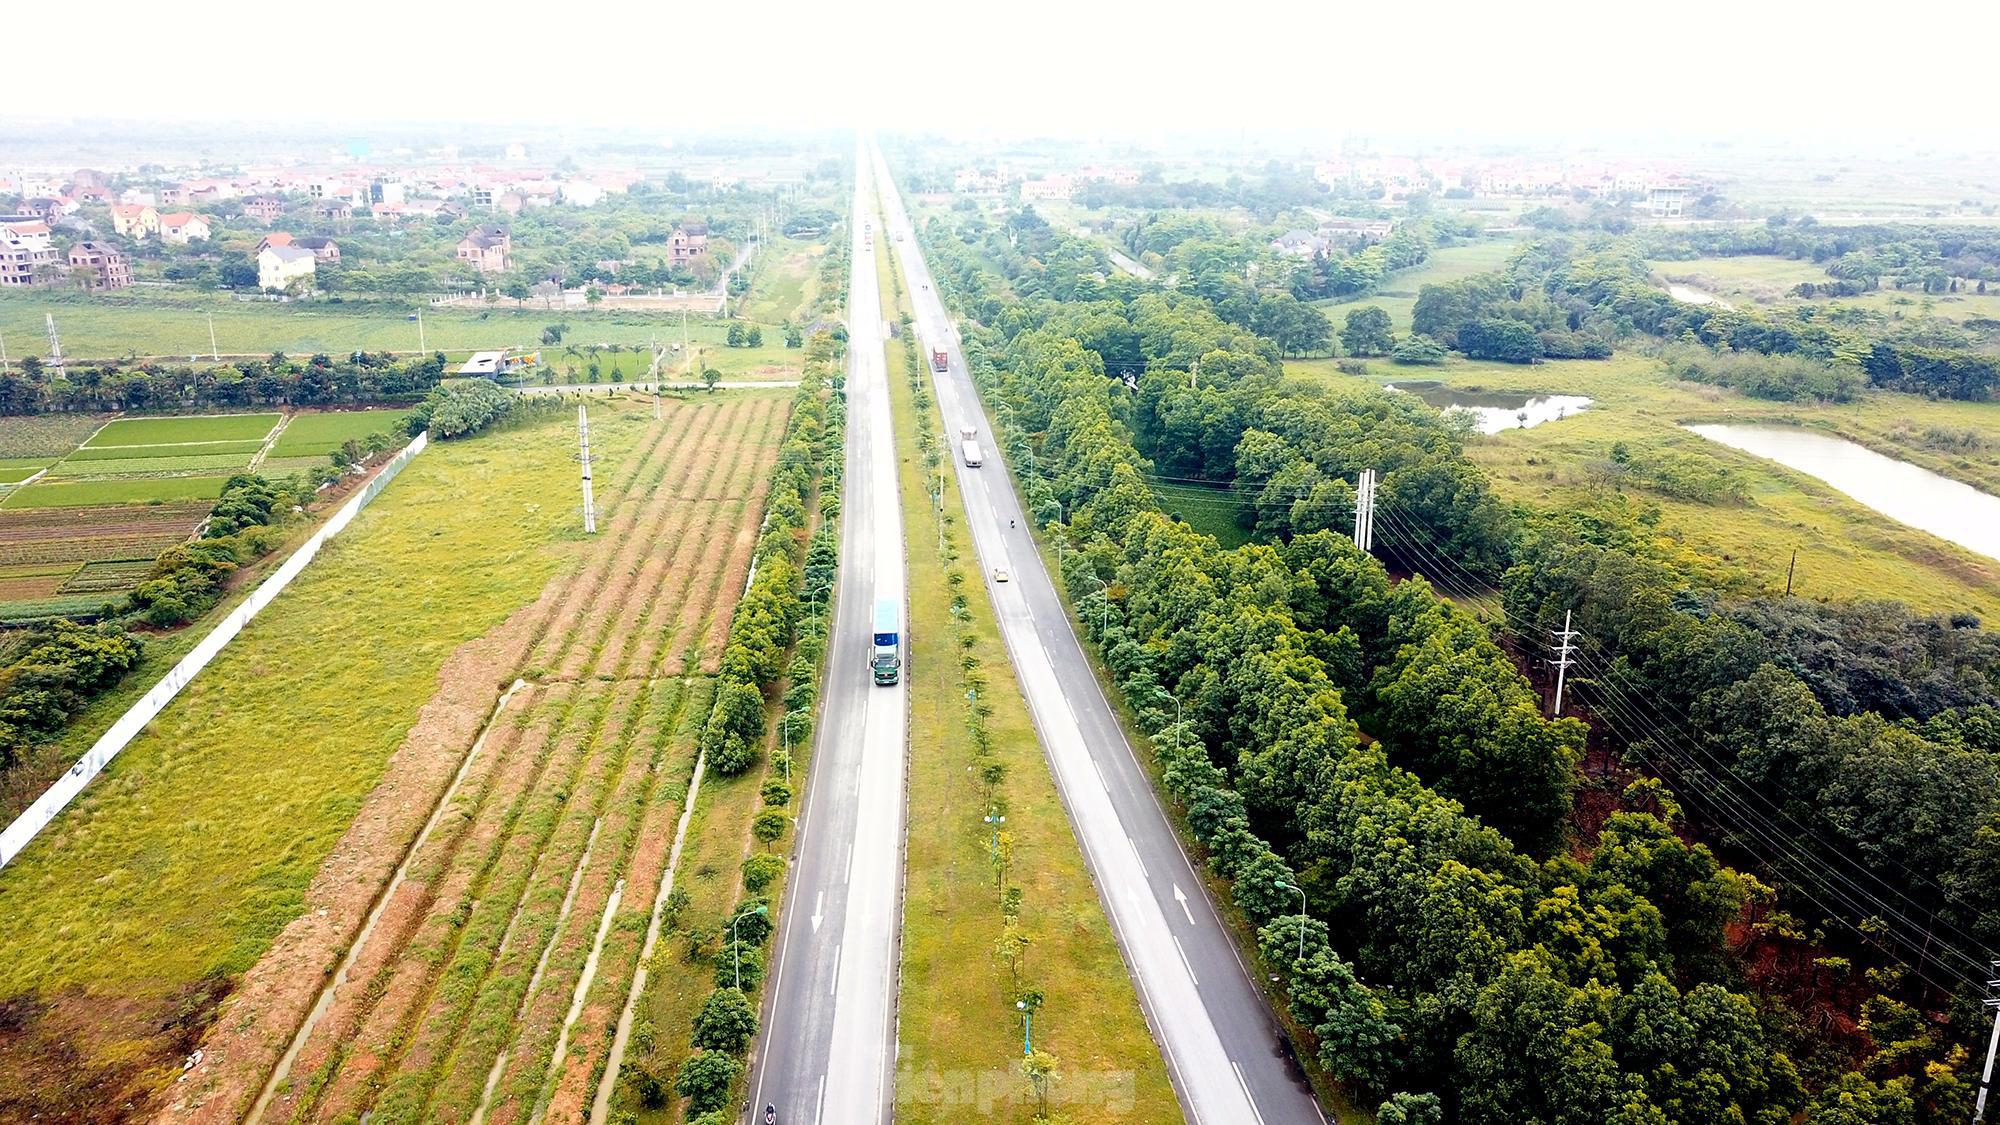 Tuyến đường 2.300 tỷ dài 15 km nối Hà Nội với Vĩnh Phúc hoạt động ra sao? - Ảnh 1.